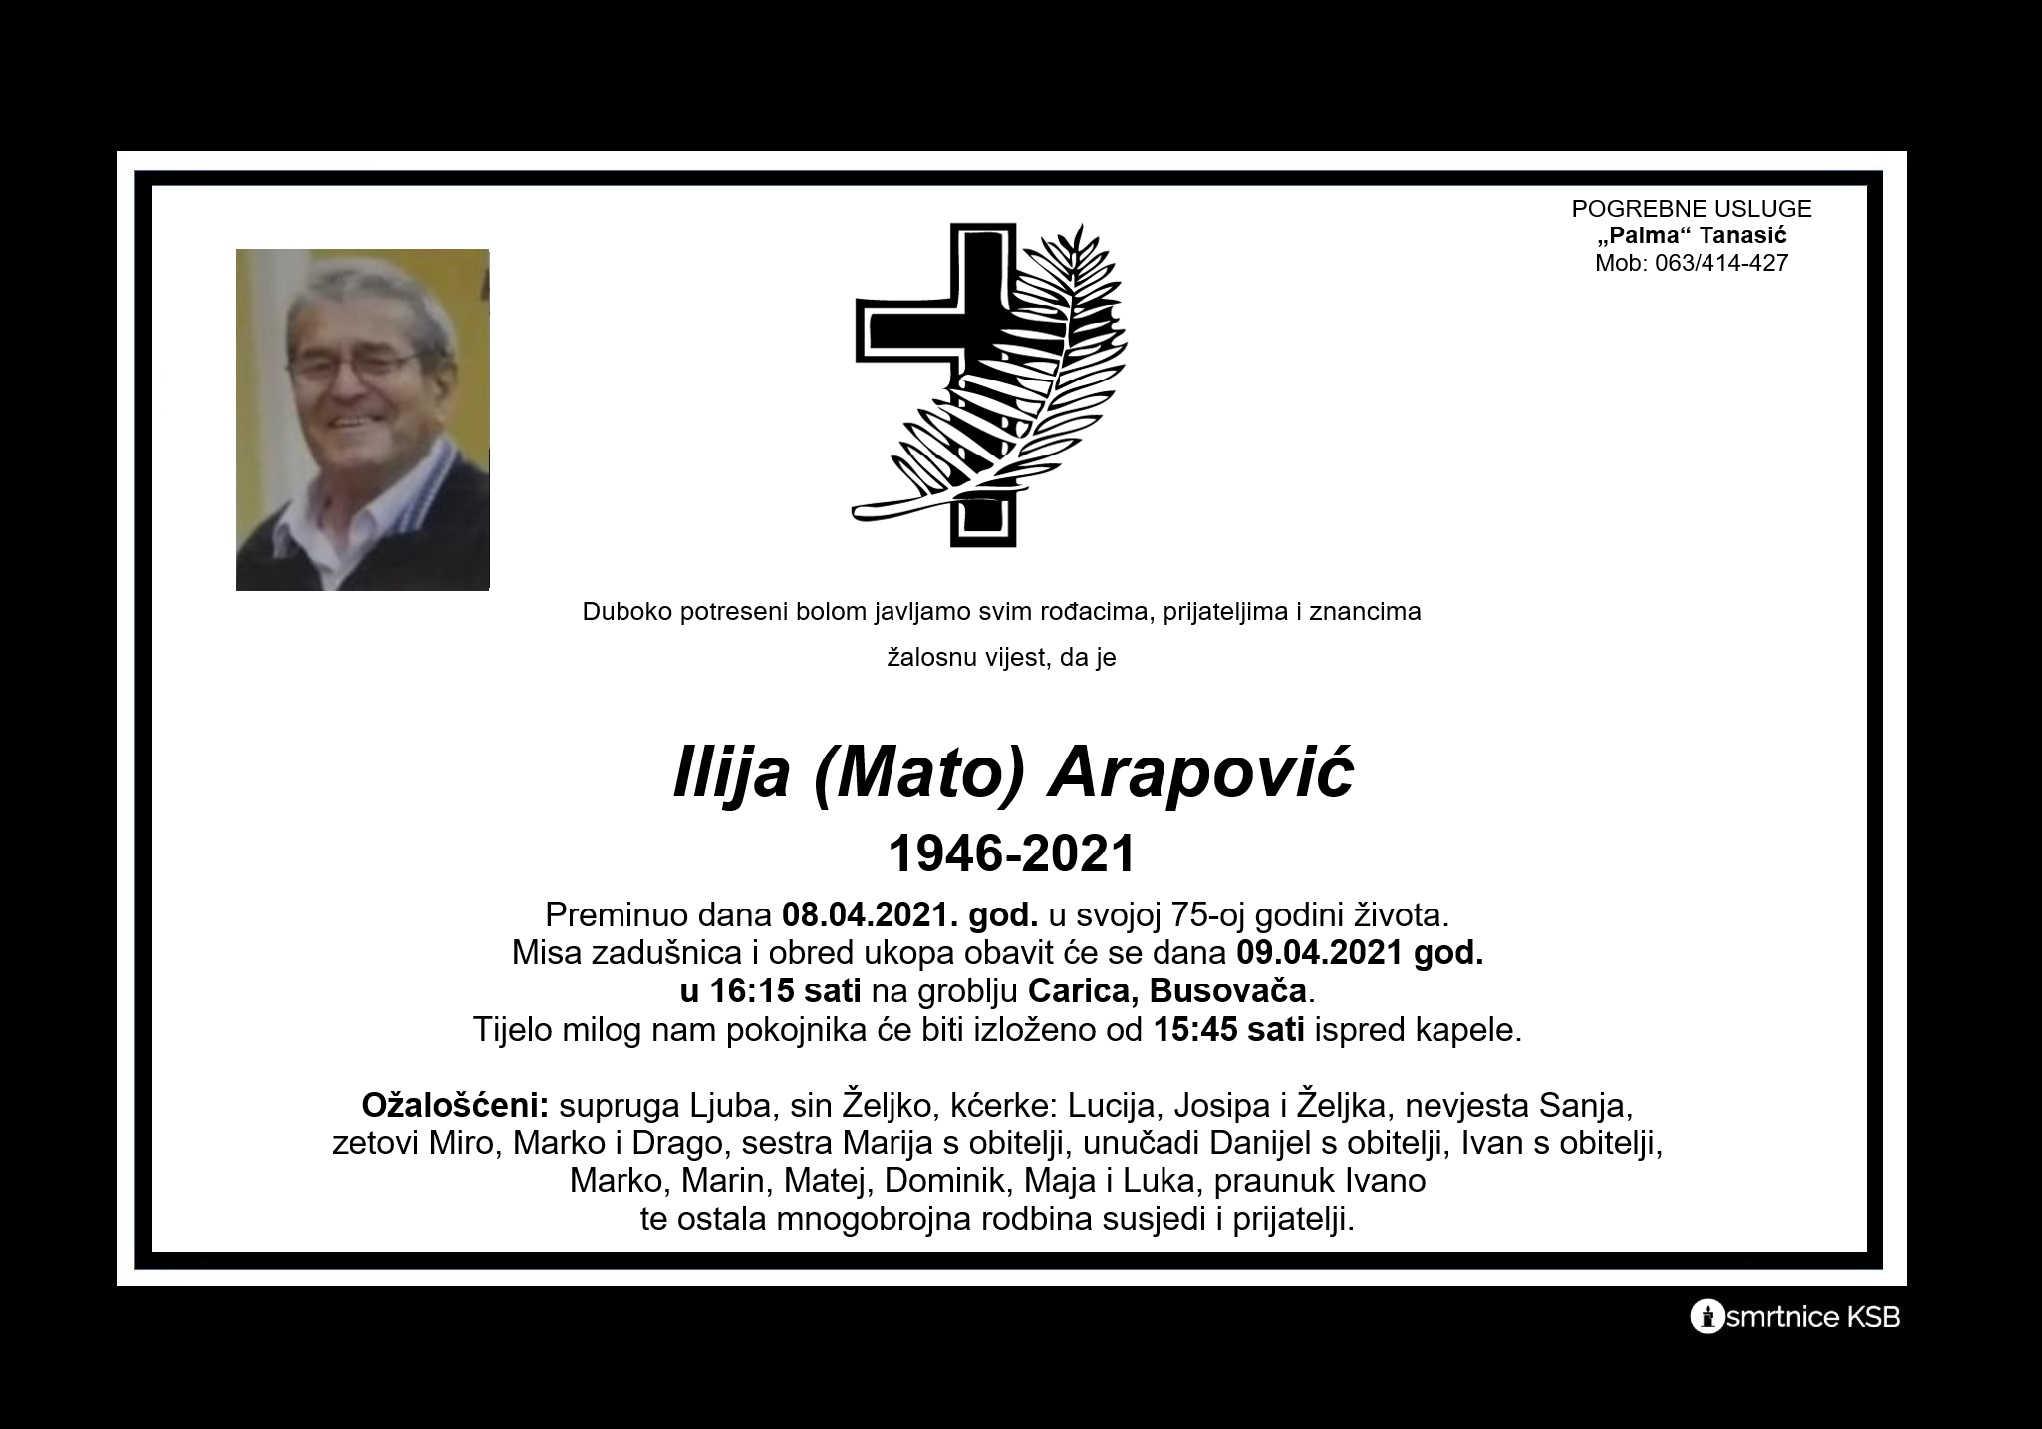 Ilija (Mato) Arapović